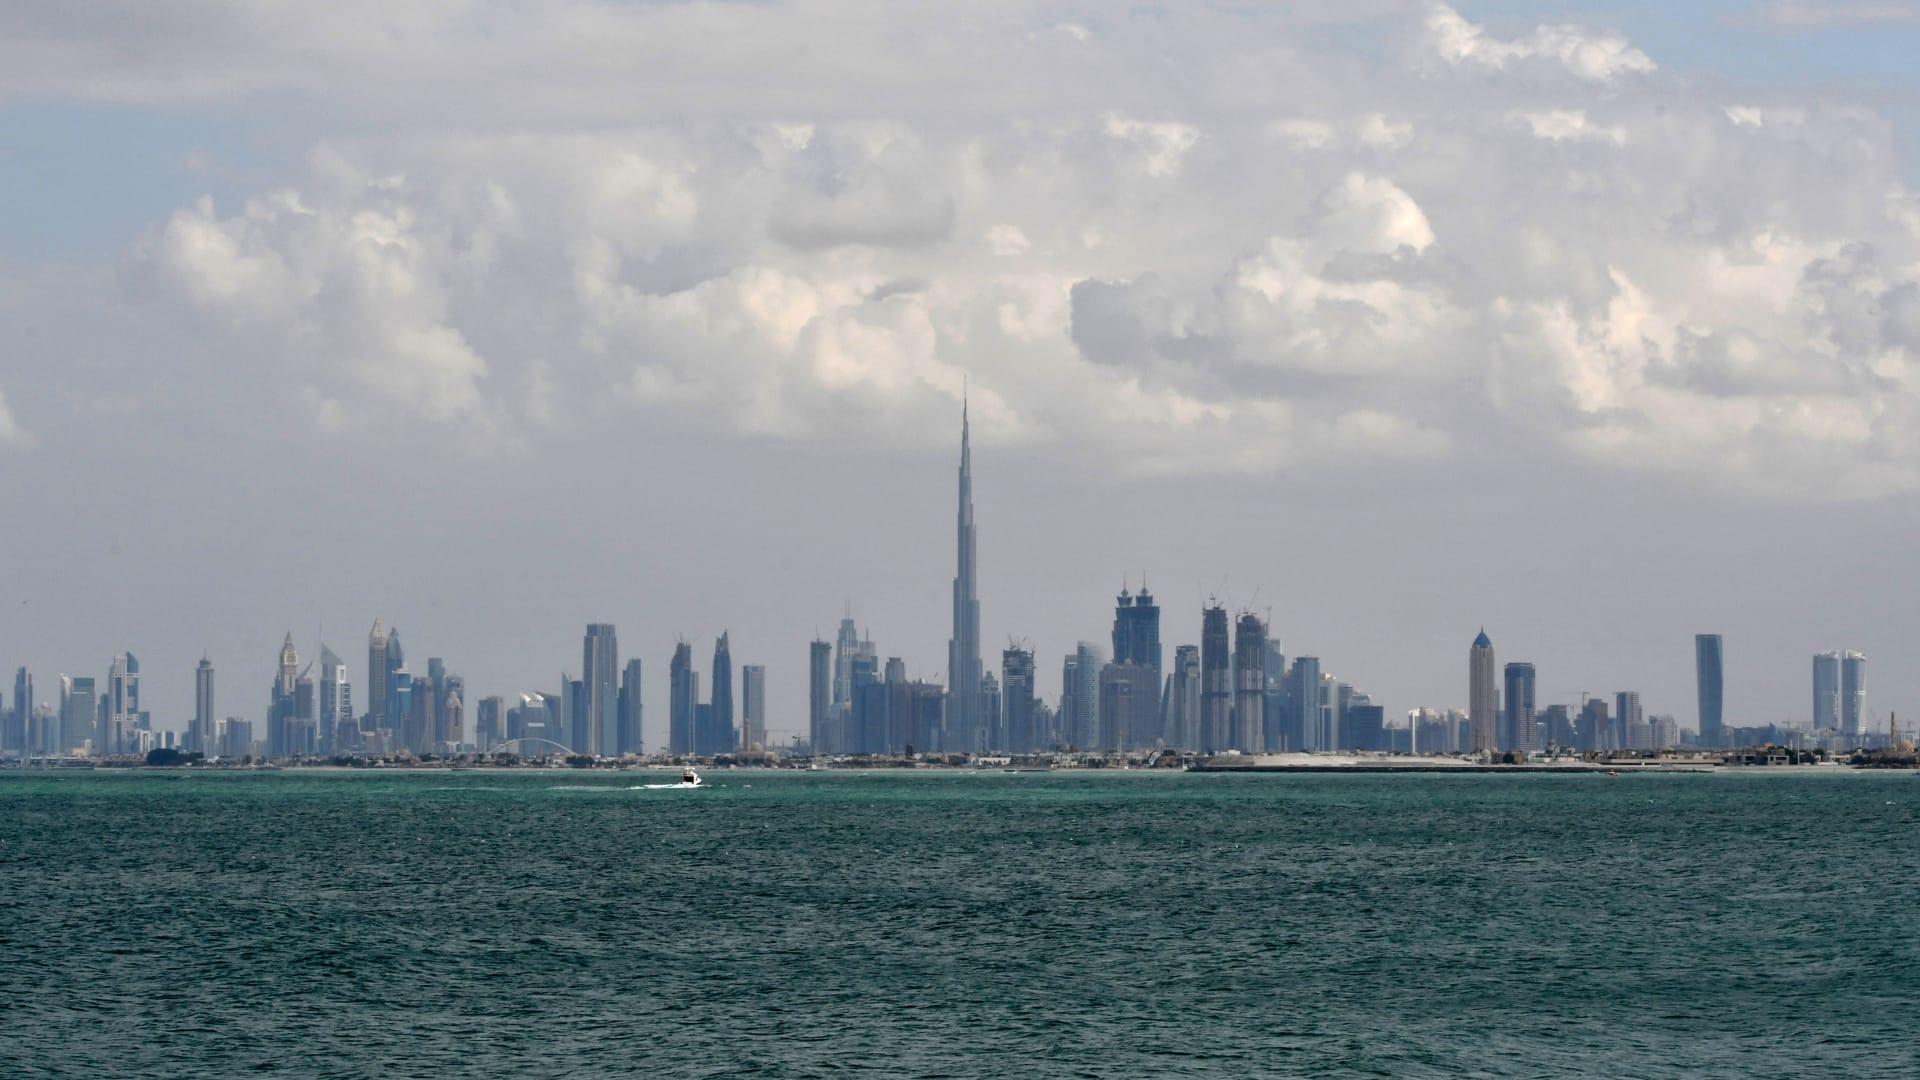 دبي تنفي إصدار تصاريح للمقامرة: شائعات لا أساس لها من الصحة